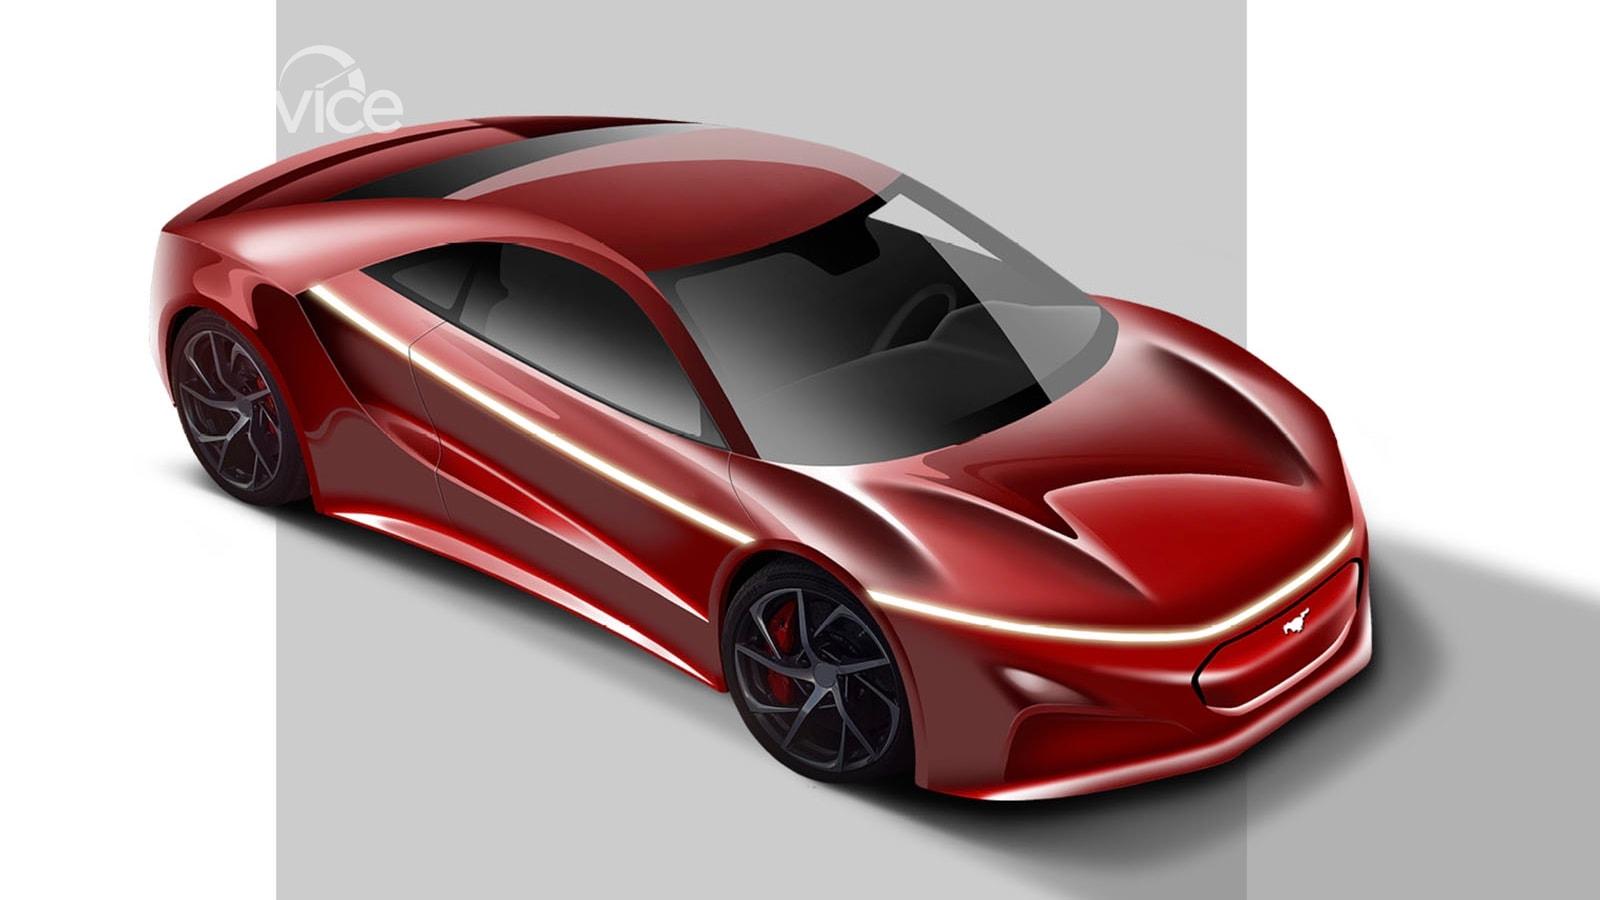 Ford Mustang sẽ chạy hoàn toàn bằng điện vào năm 2029 - báo cáo - 2 trên 2